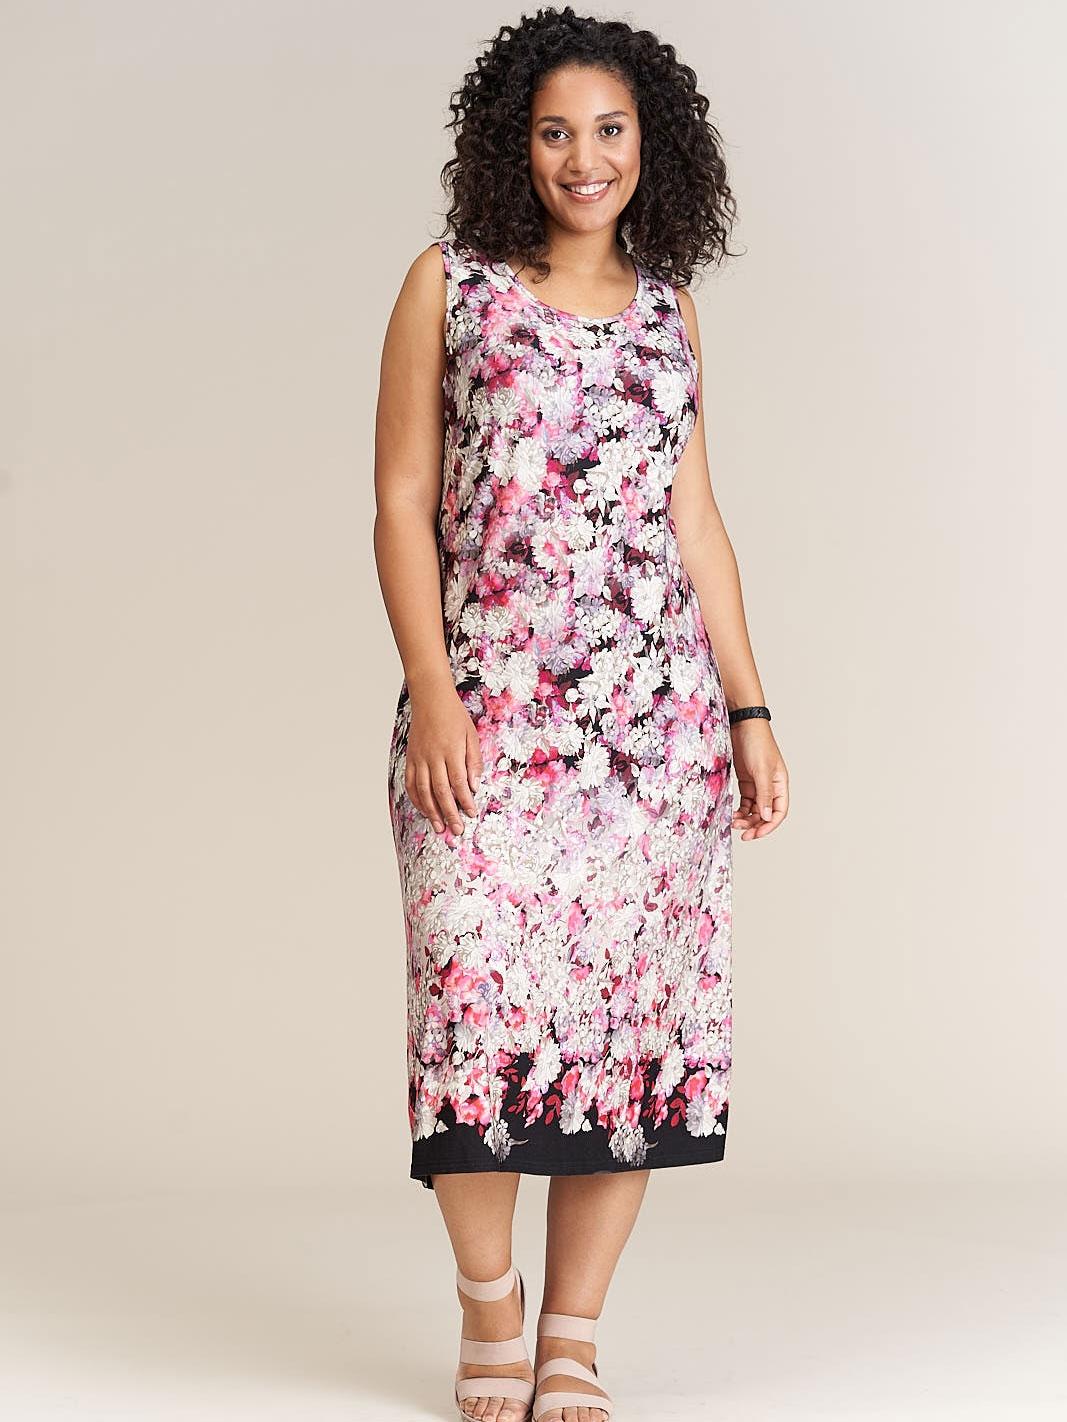 Studio Lang kjole med pin blomsterprint , 42-44 / S